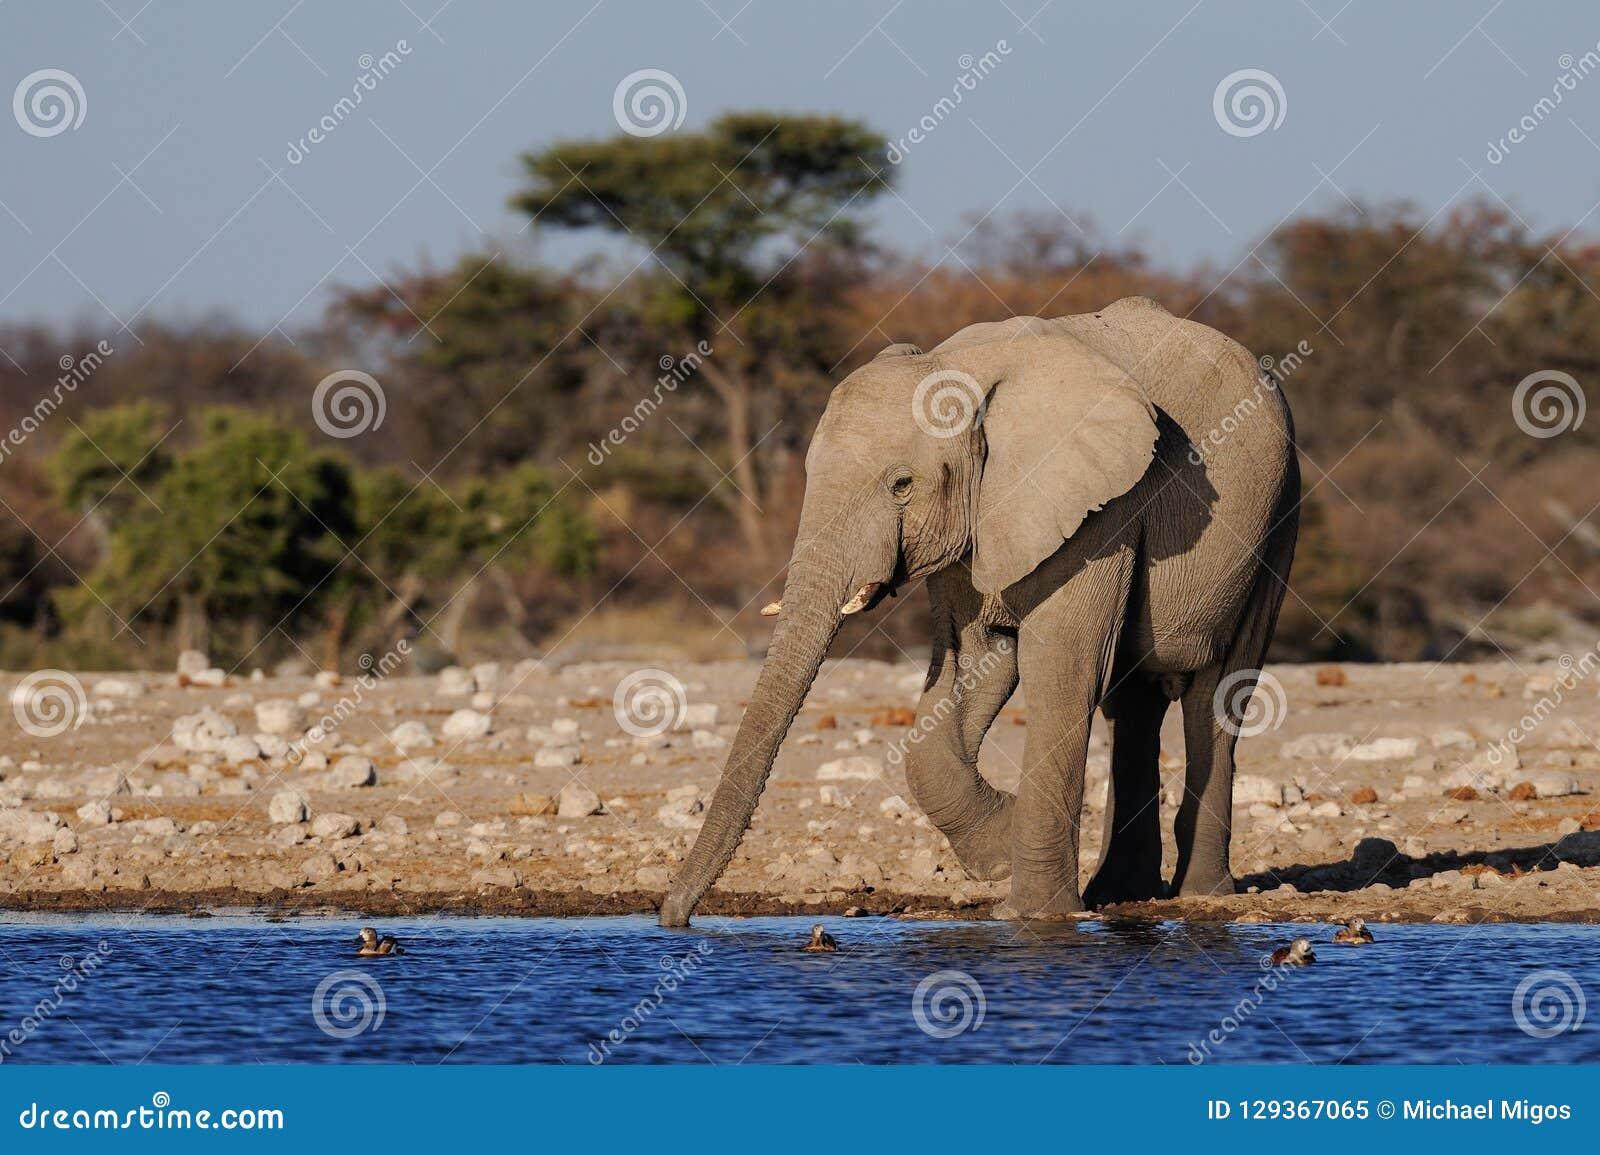 Afrikaanse olifantsdrank op een waterhole, etosha nationalpark